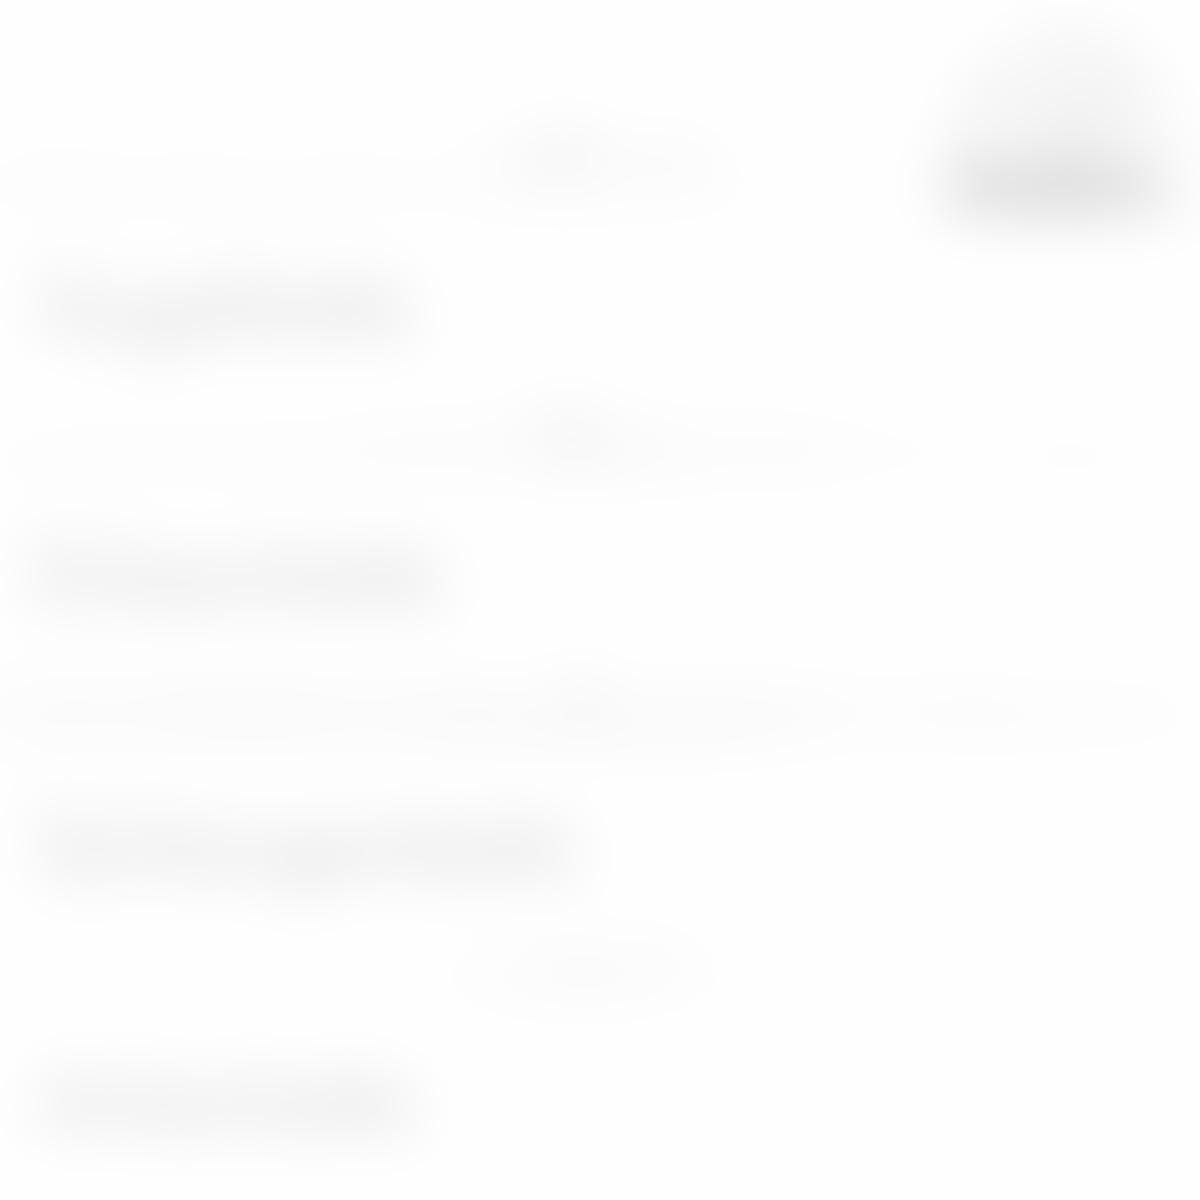 Silberkette 38cm ❤️ Kette aus 925 Sterling Silber ❤️ Kugelkette Erbsenkette Ankerkette Schlangenkette ❤️ Kette f/ür Anh/änger f/ür Kinder f/ür Frauen 38cm lang kurze Babykette